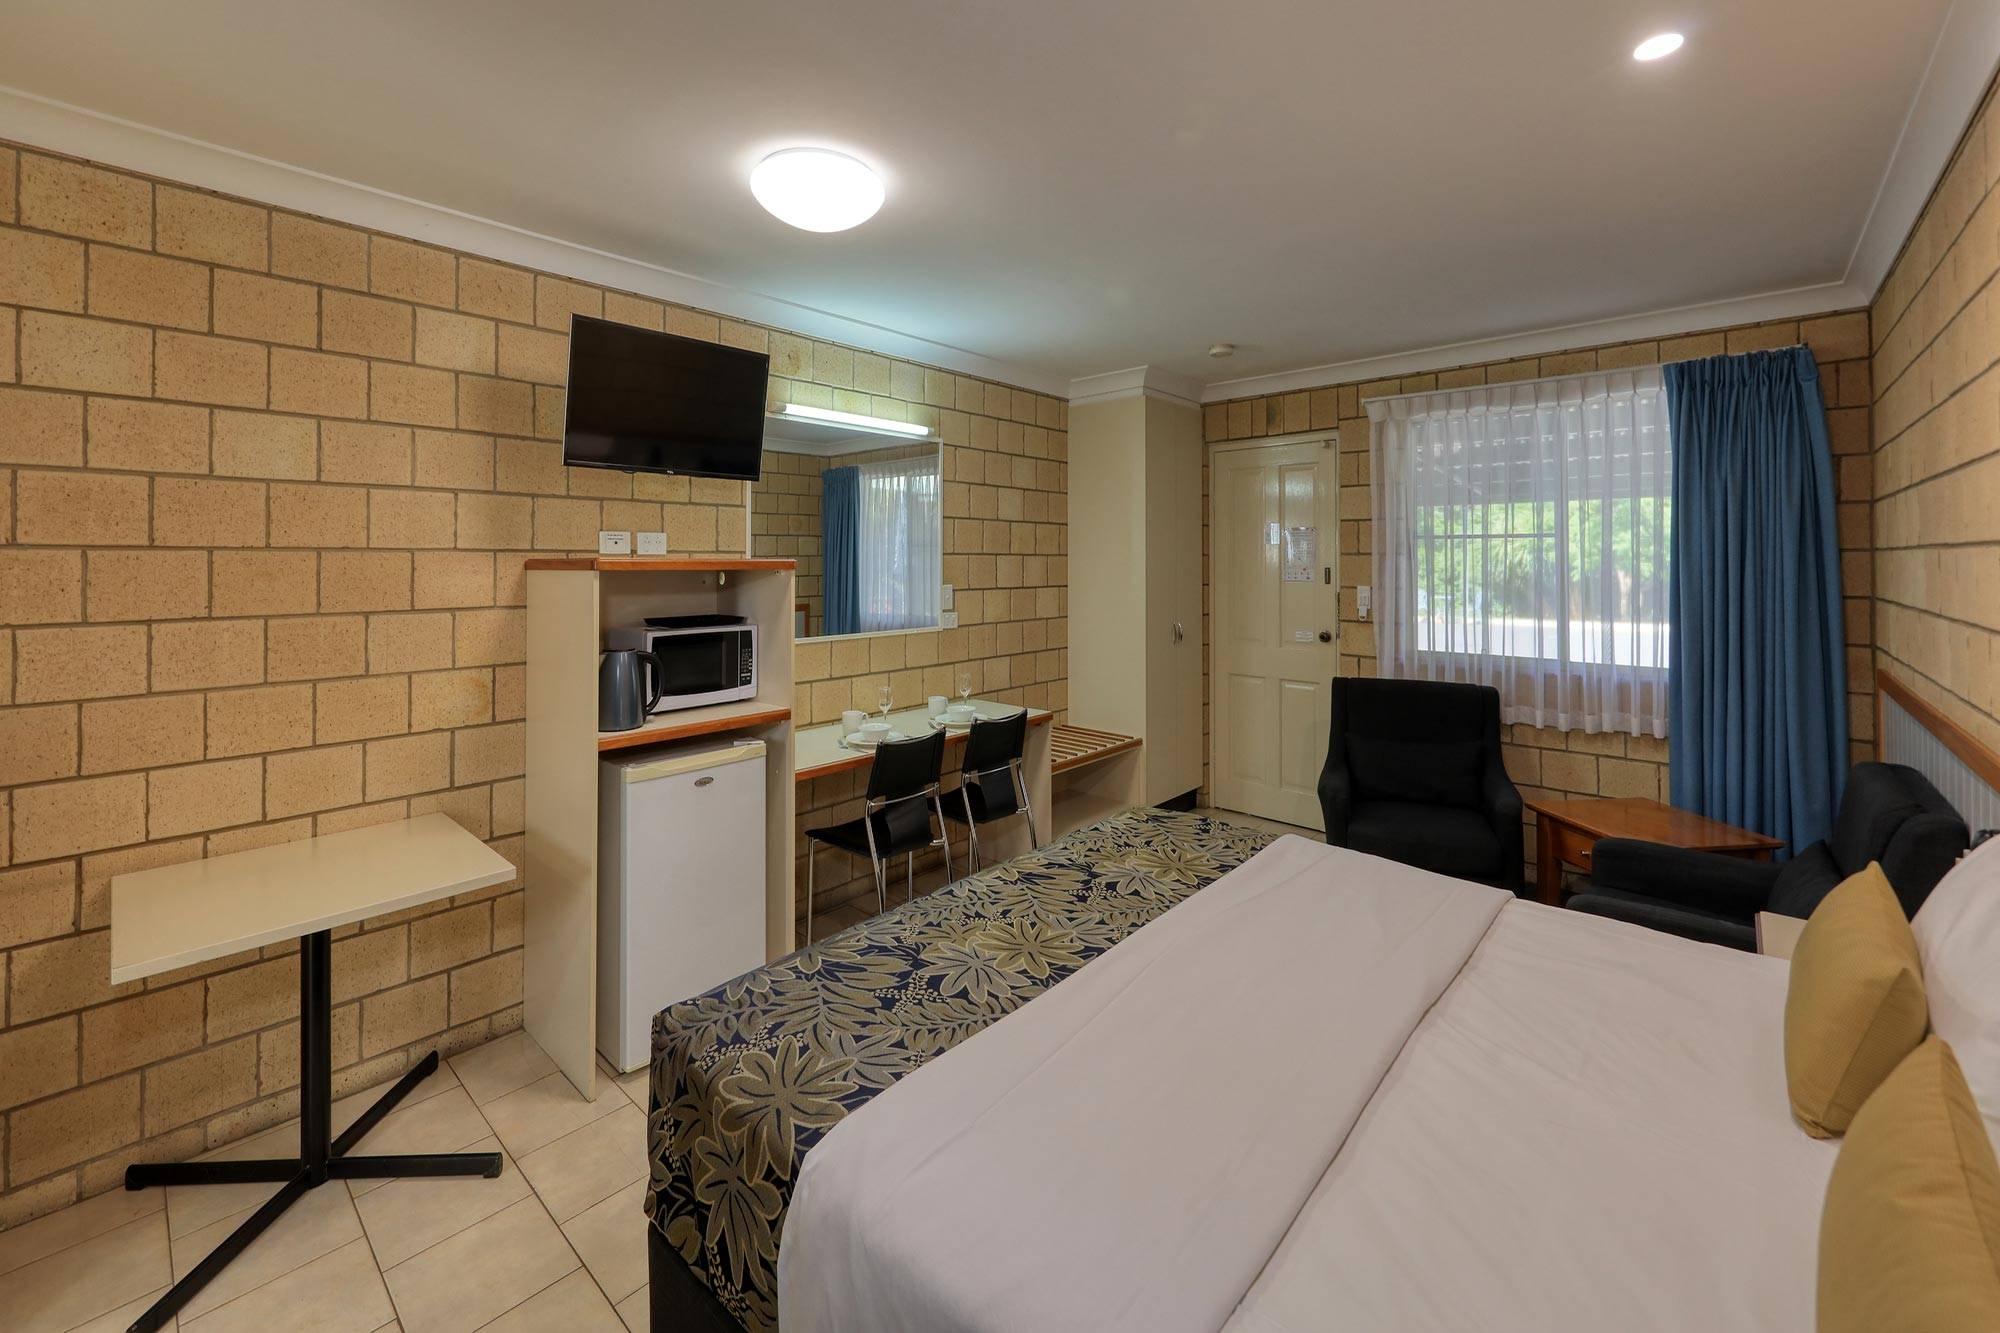 st-george-motel-executive-king-room-(3)